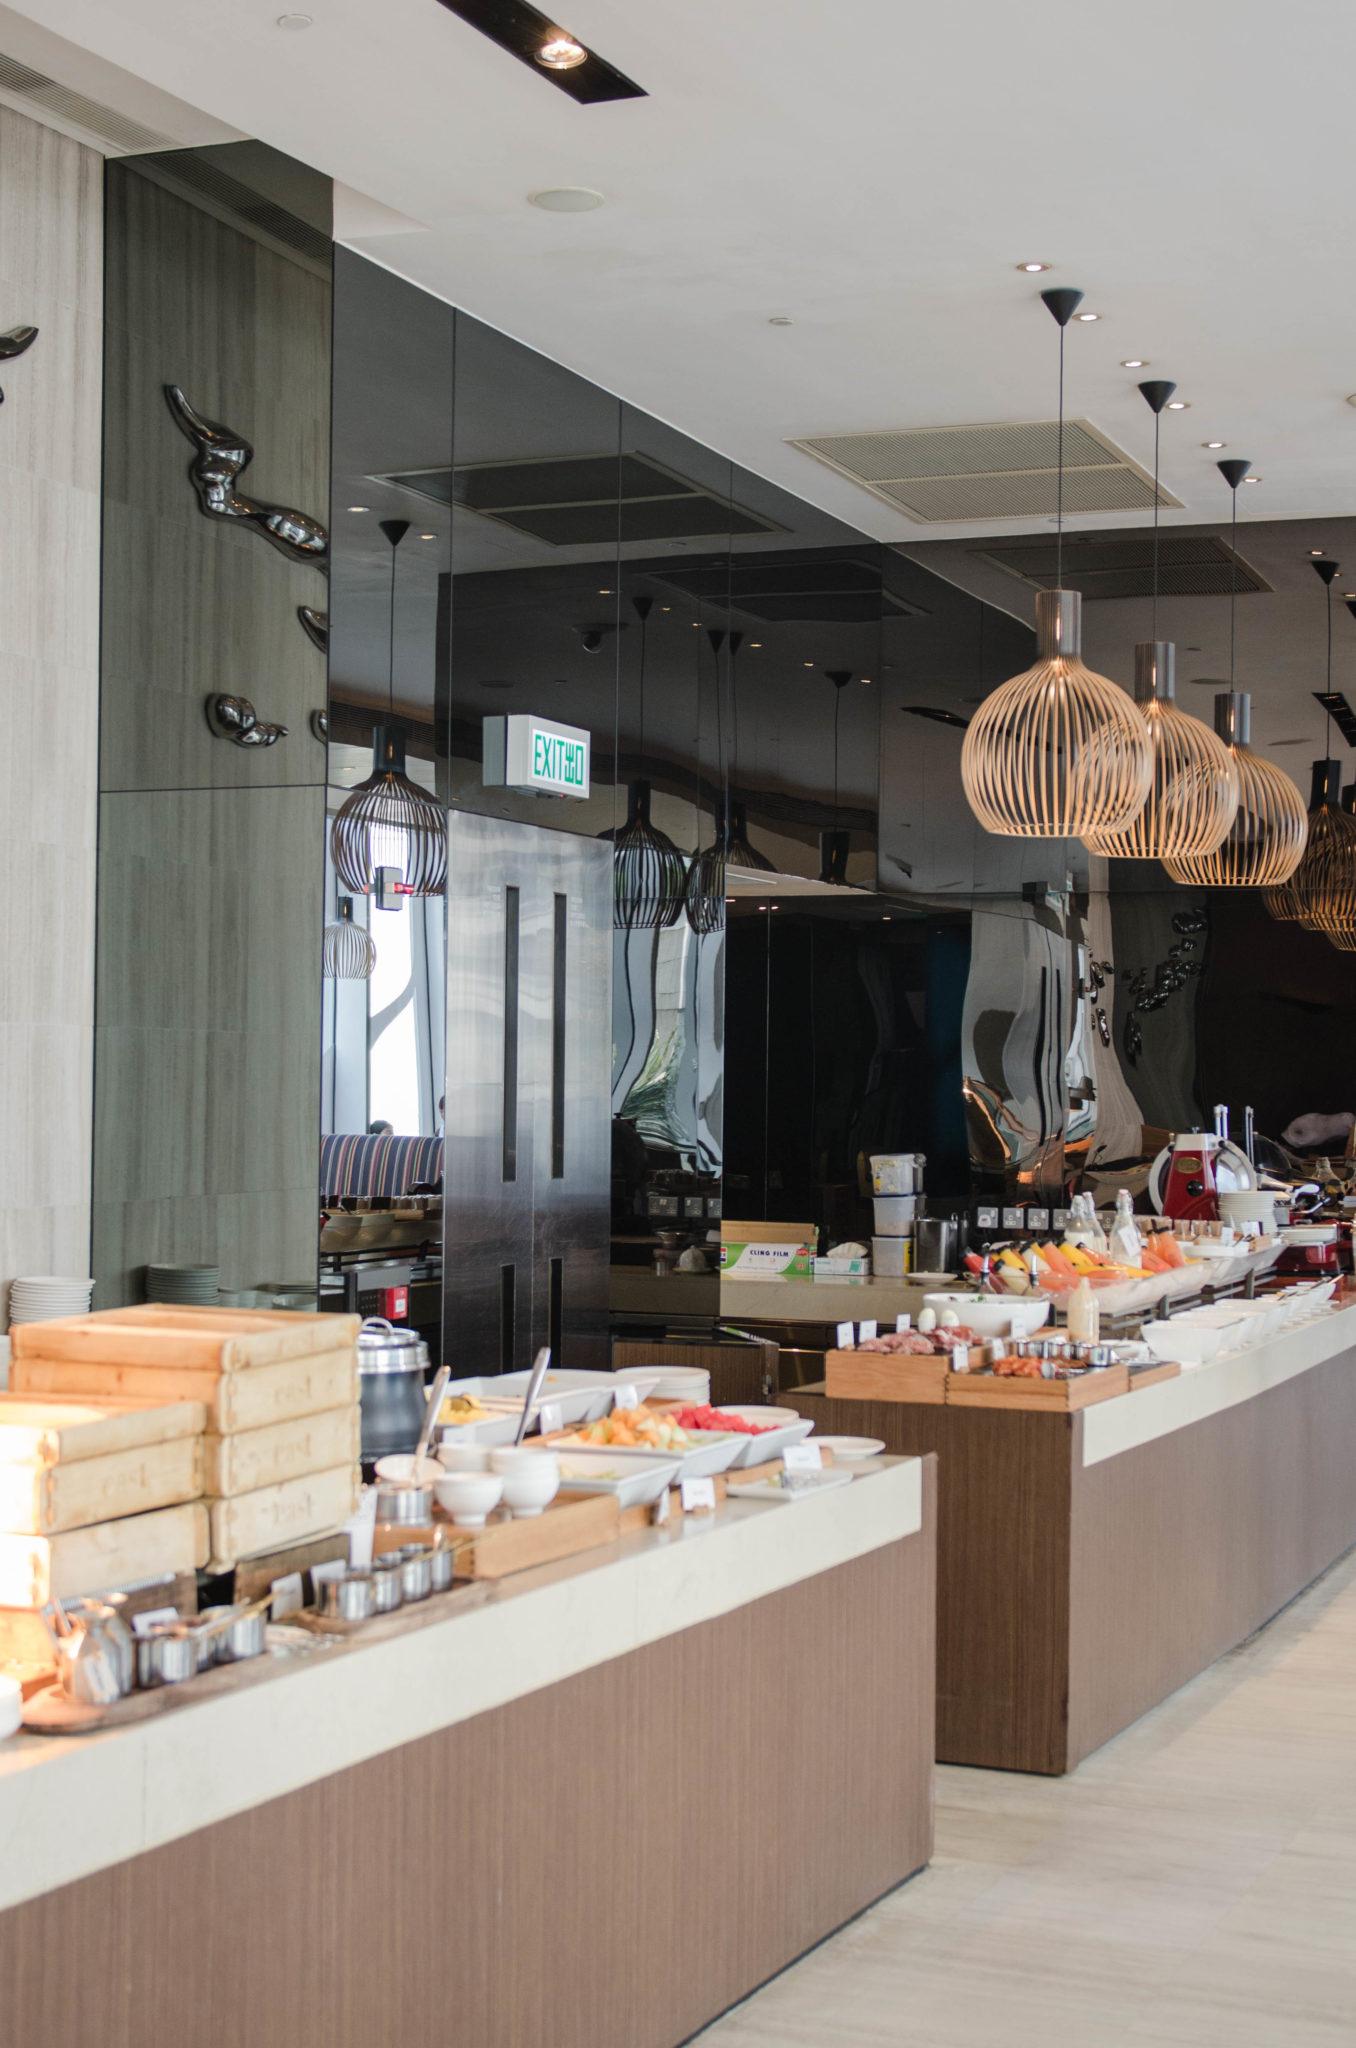 Das Frühstück ist im Hotel EAST Hong Kong ein Buffet